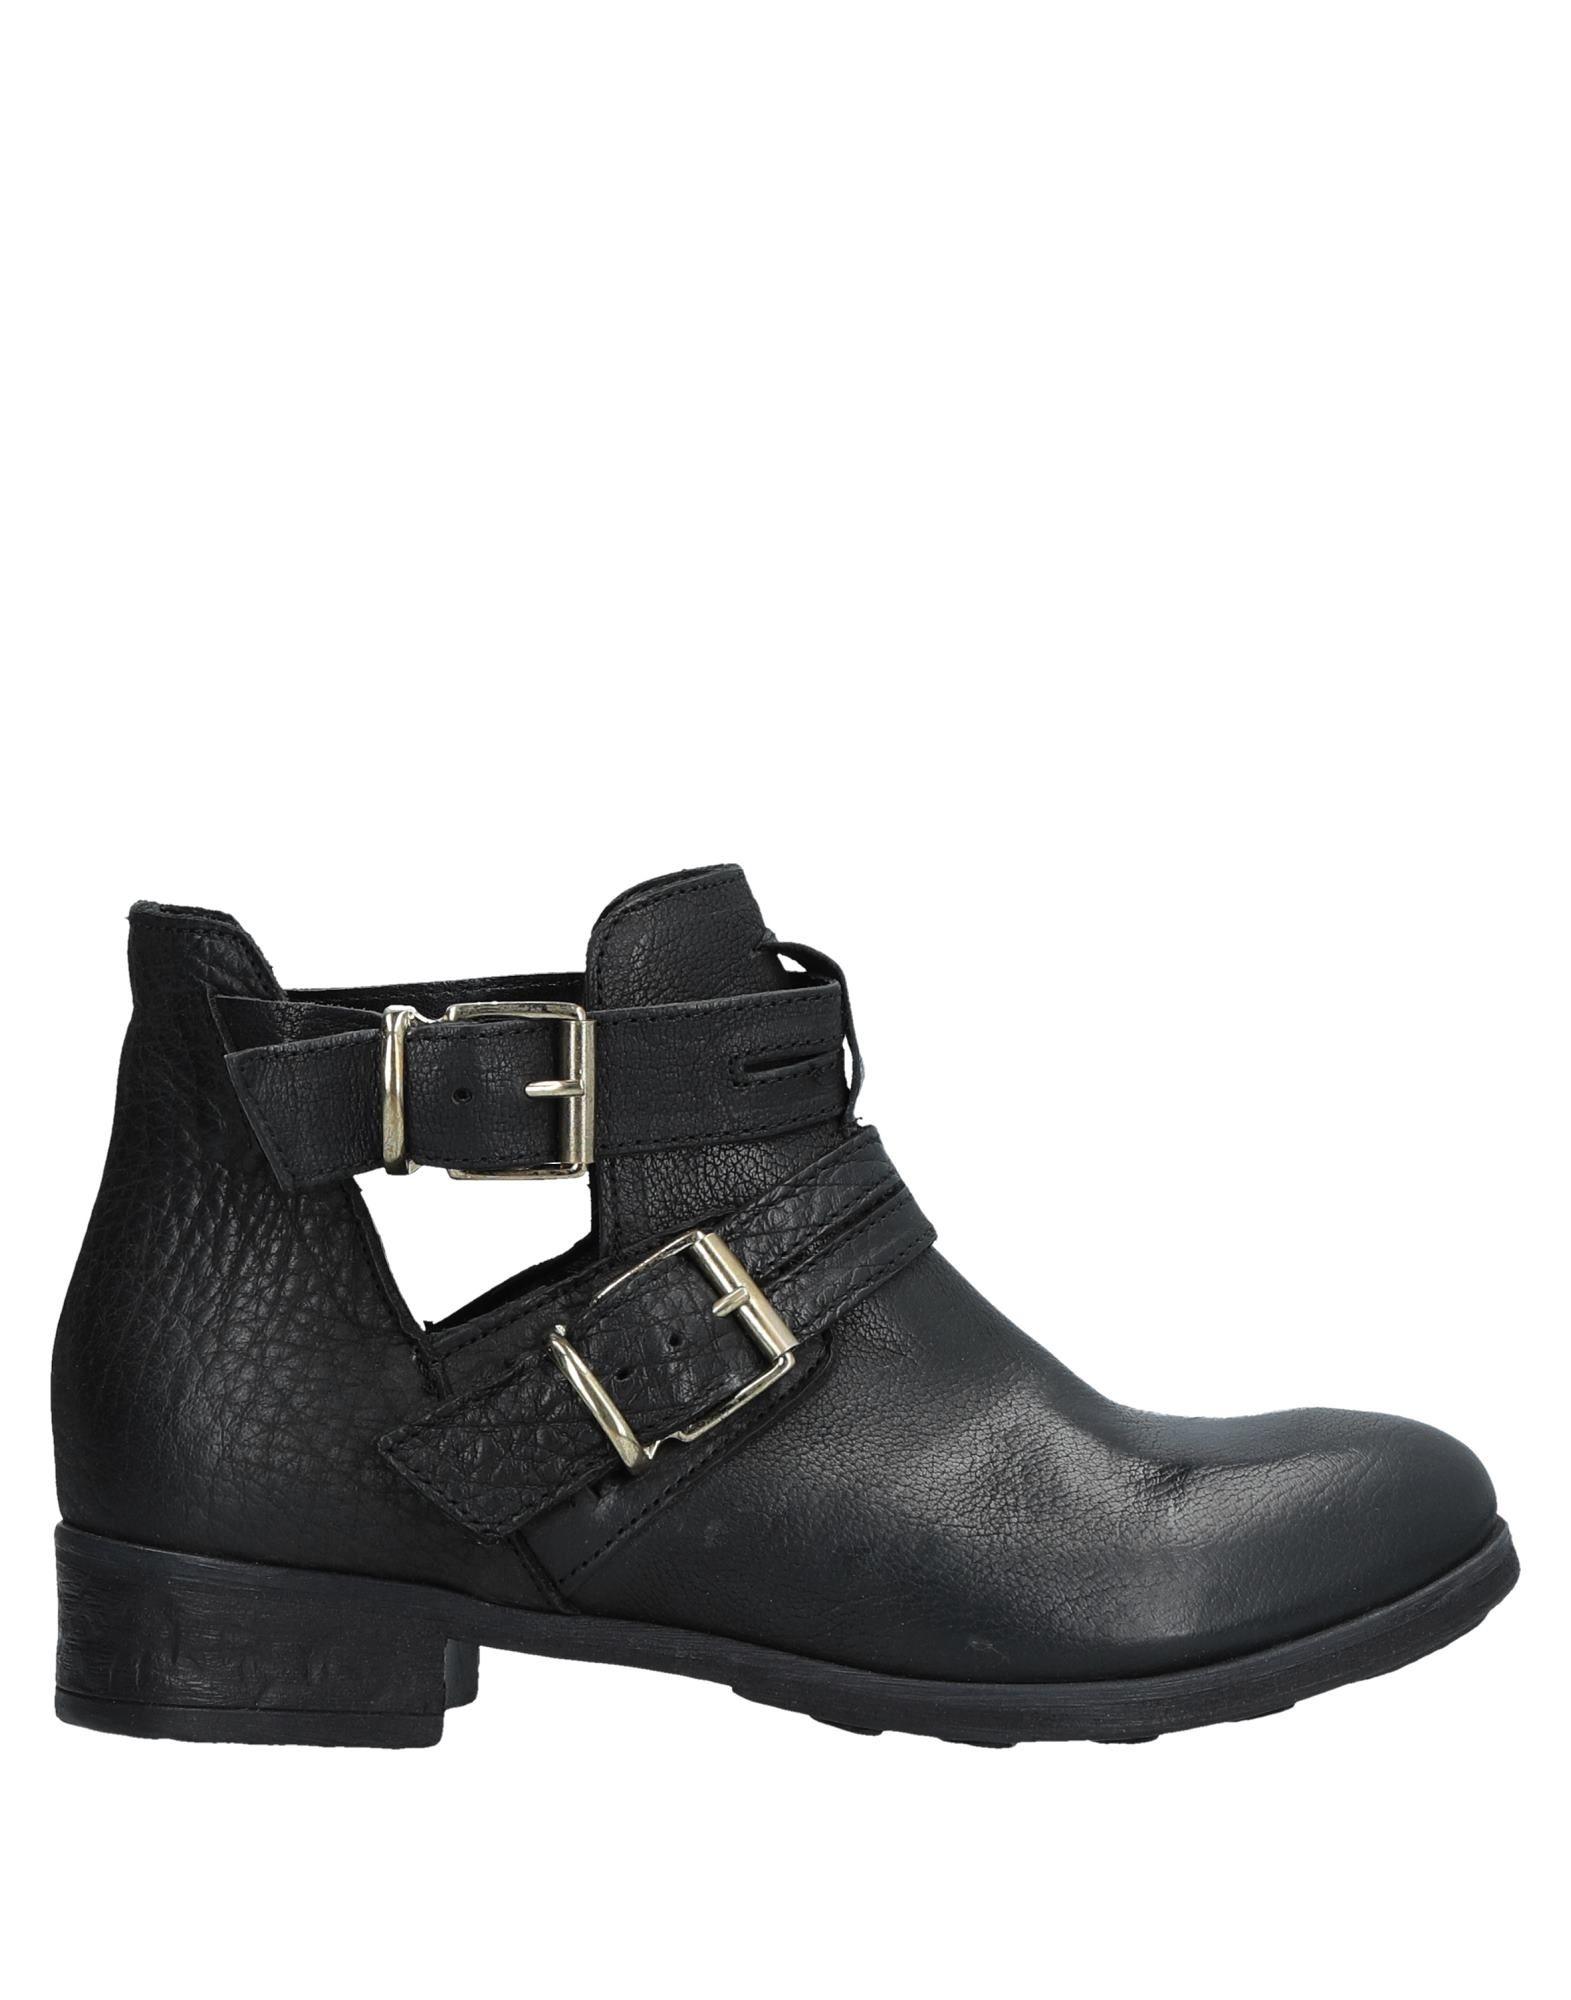 Police 883 Stiefelette Damen  11526253AJ Gute Qualität beliebte Schuhe